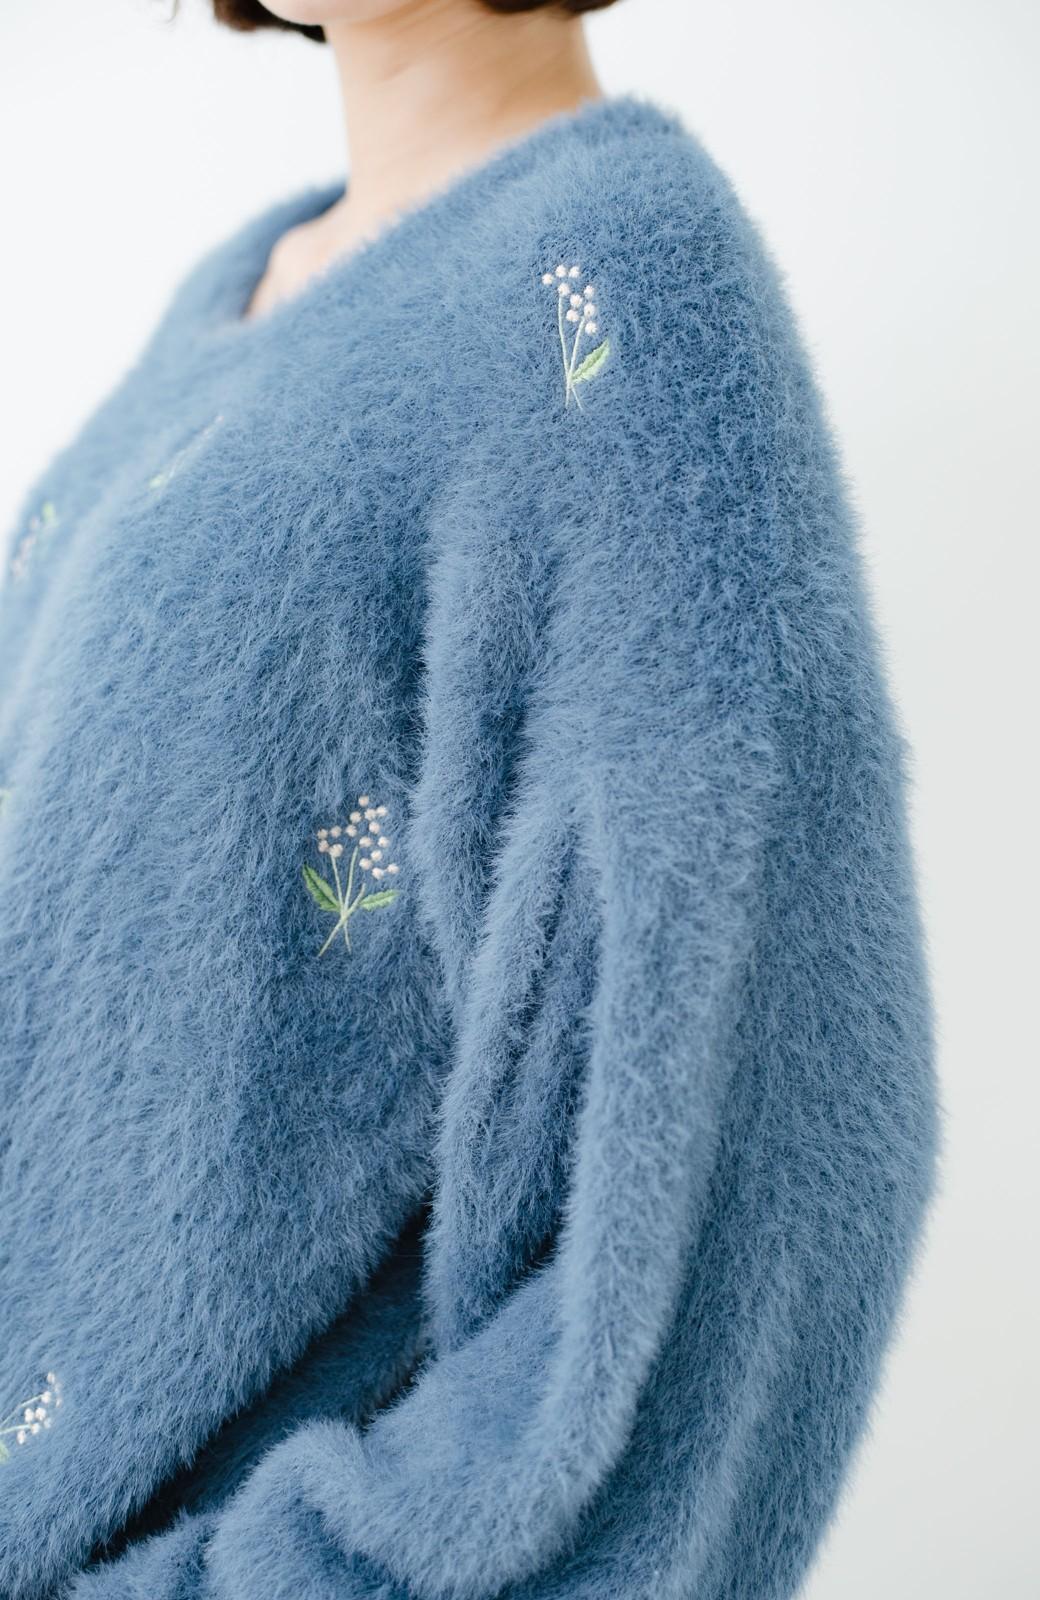 haco! 女のコっぽくてとにかくかわいい ふわふわ刺しゅうニット <ブルー>の商品写真5